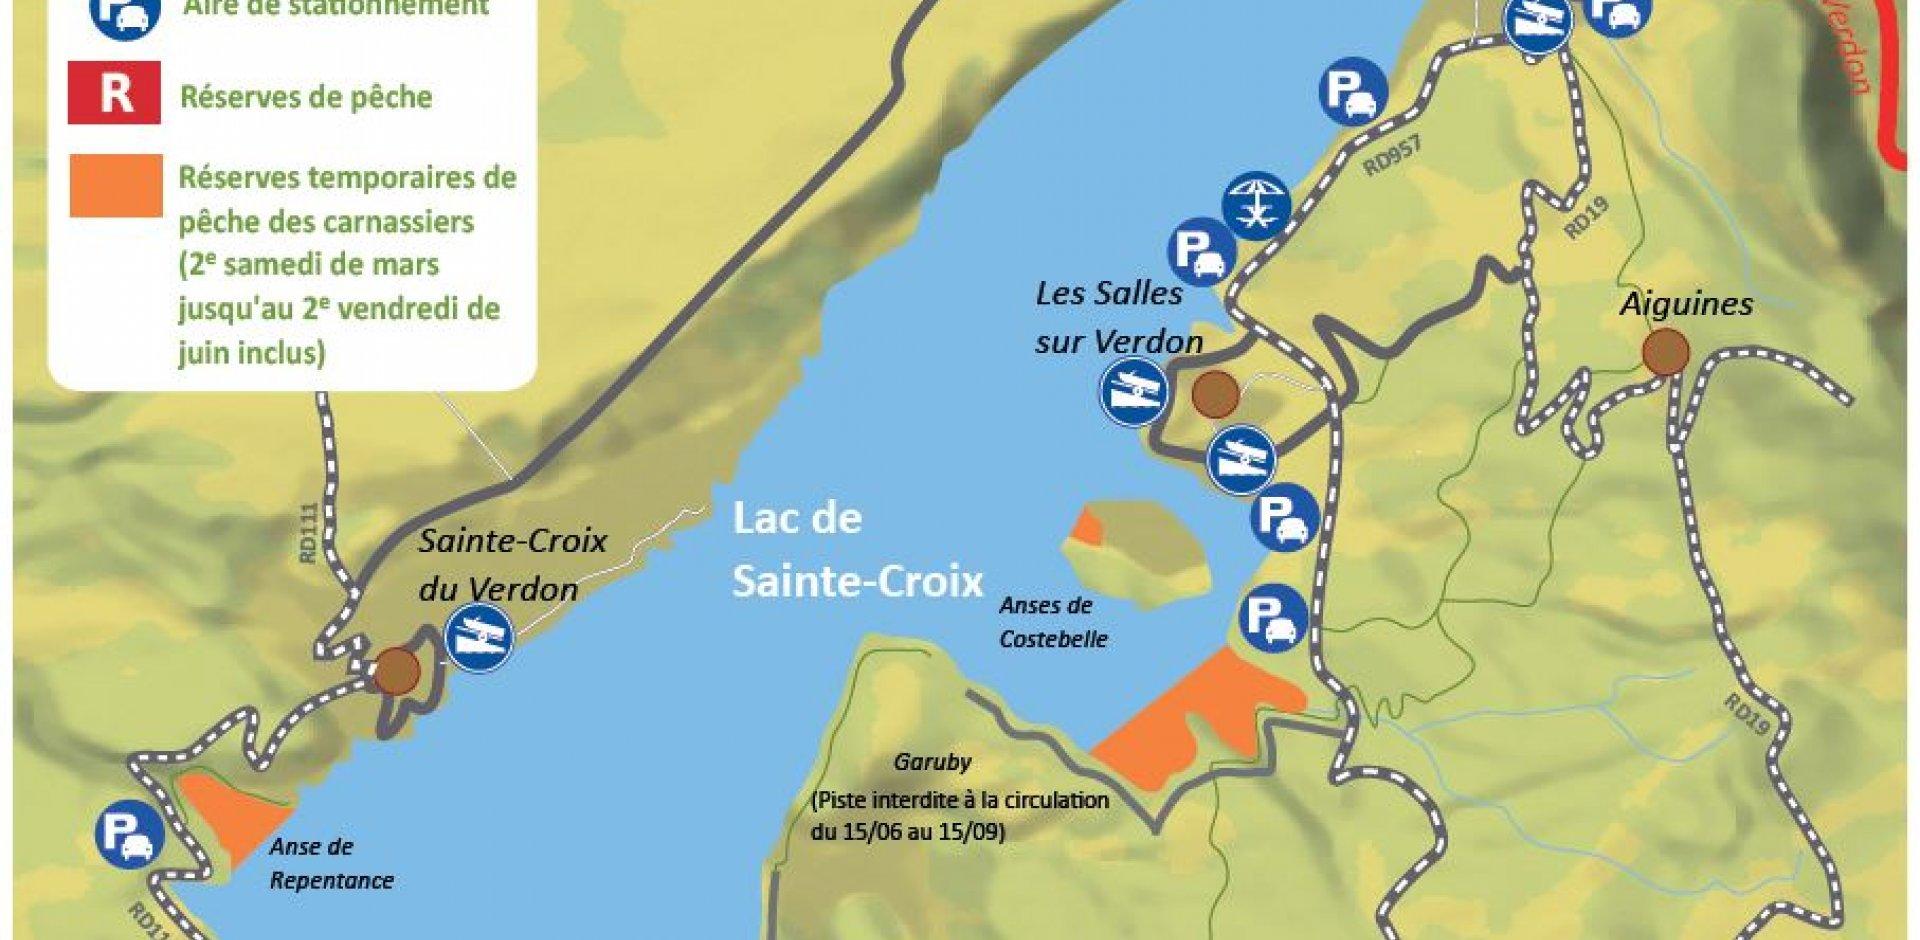 carte de réglementation pour pêcher au lac de sainte croix